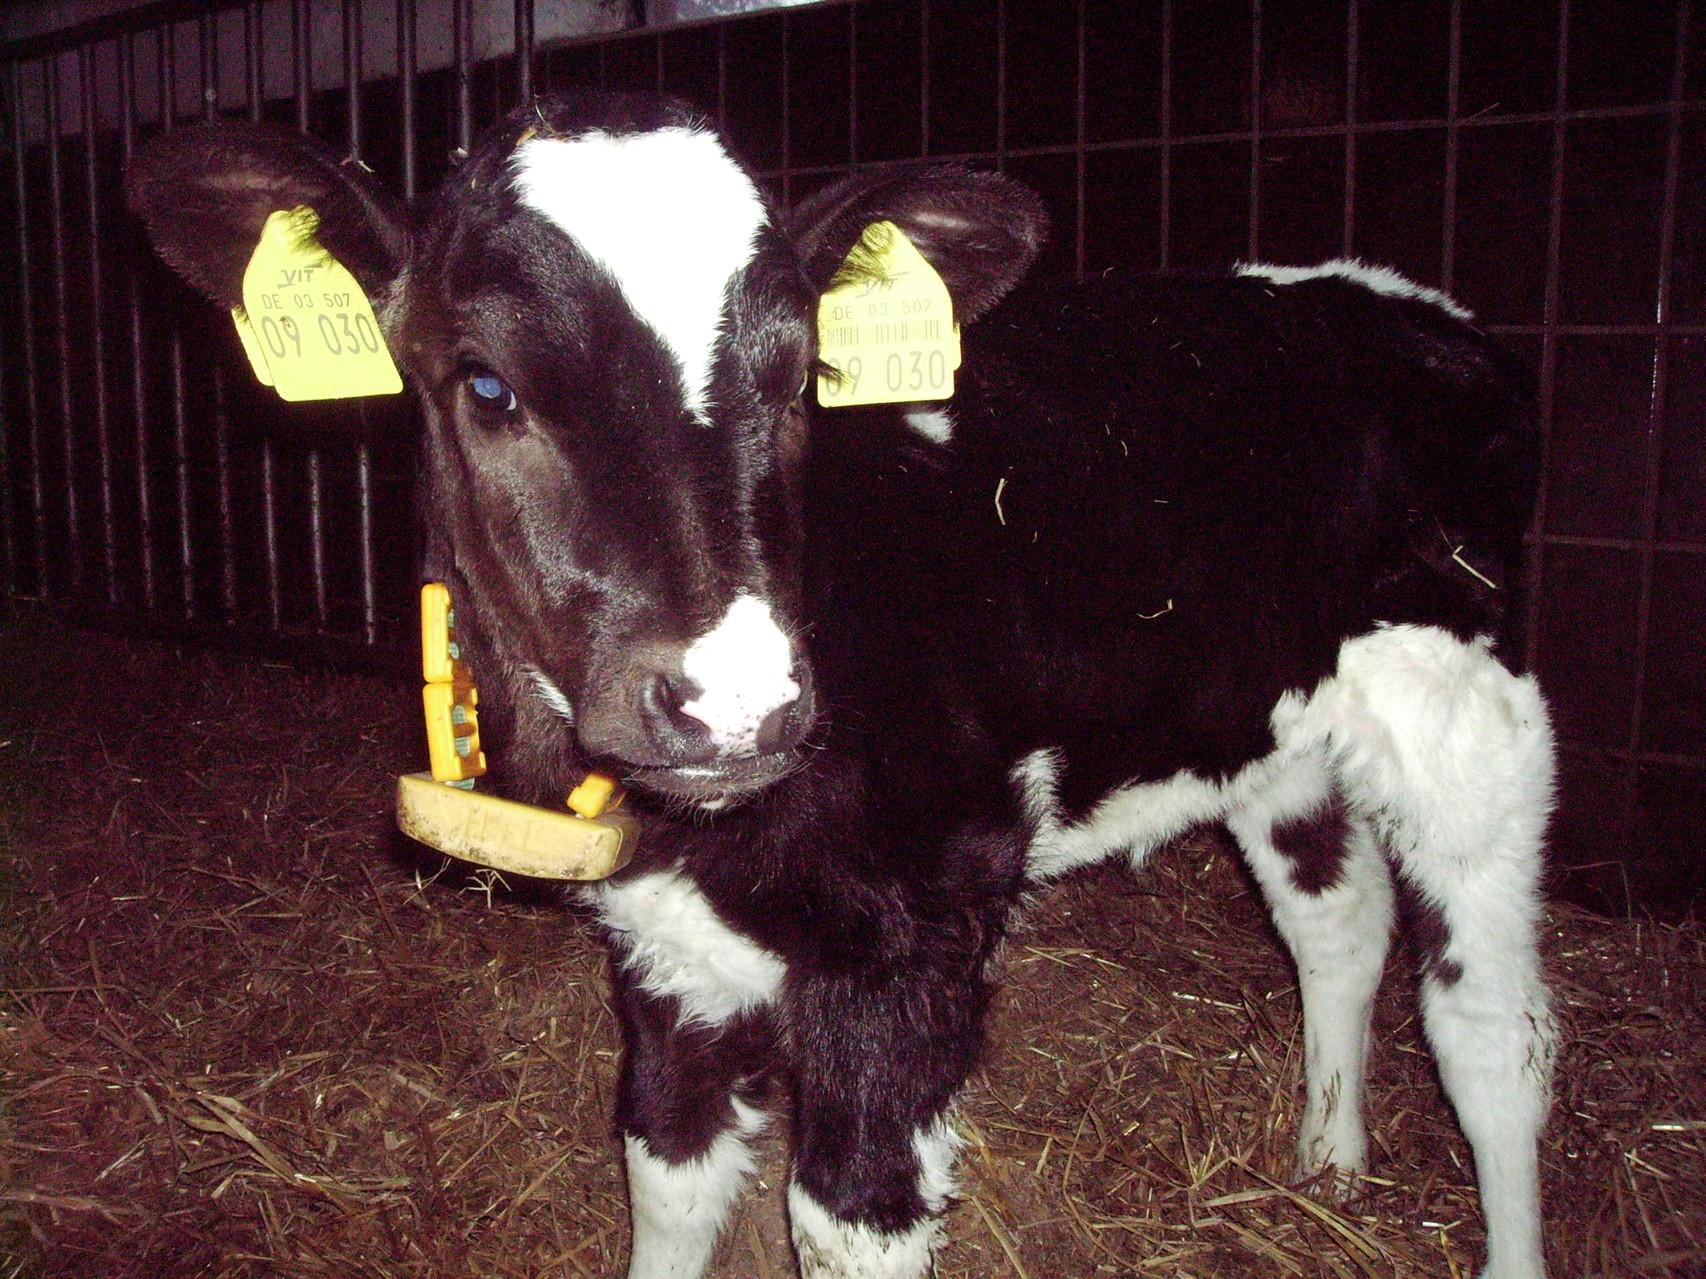 ein kleines Kalb, die Kuh von morgen